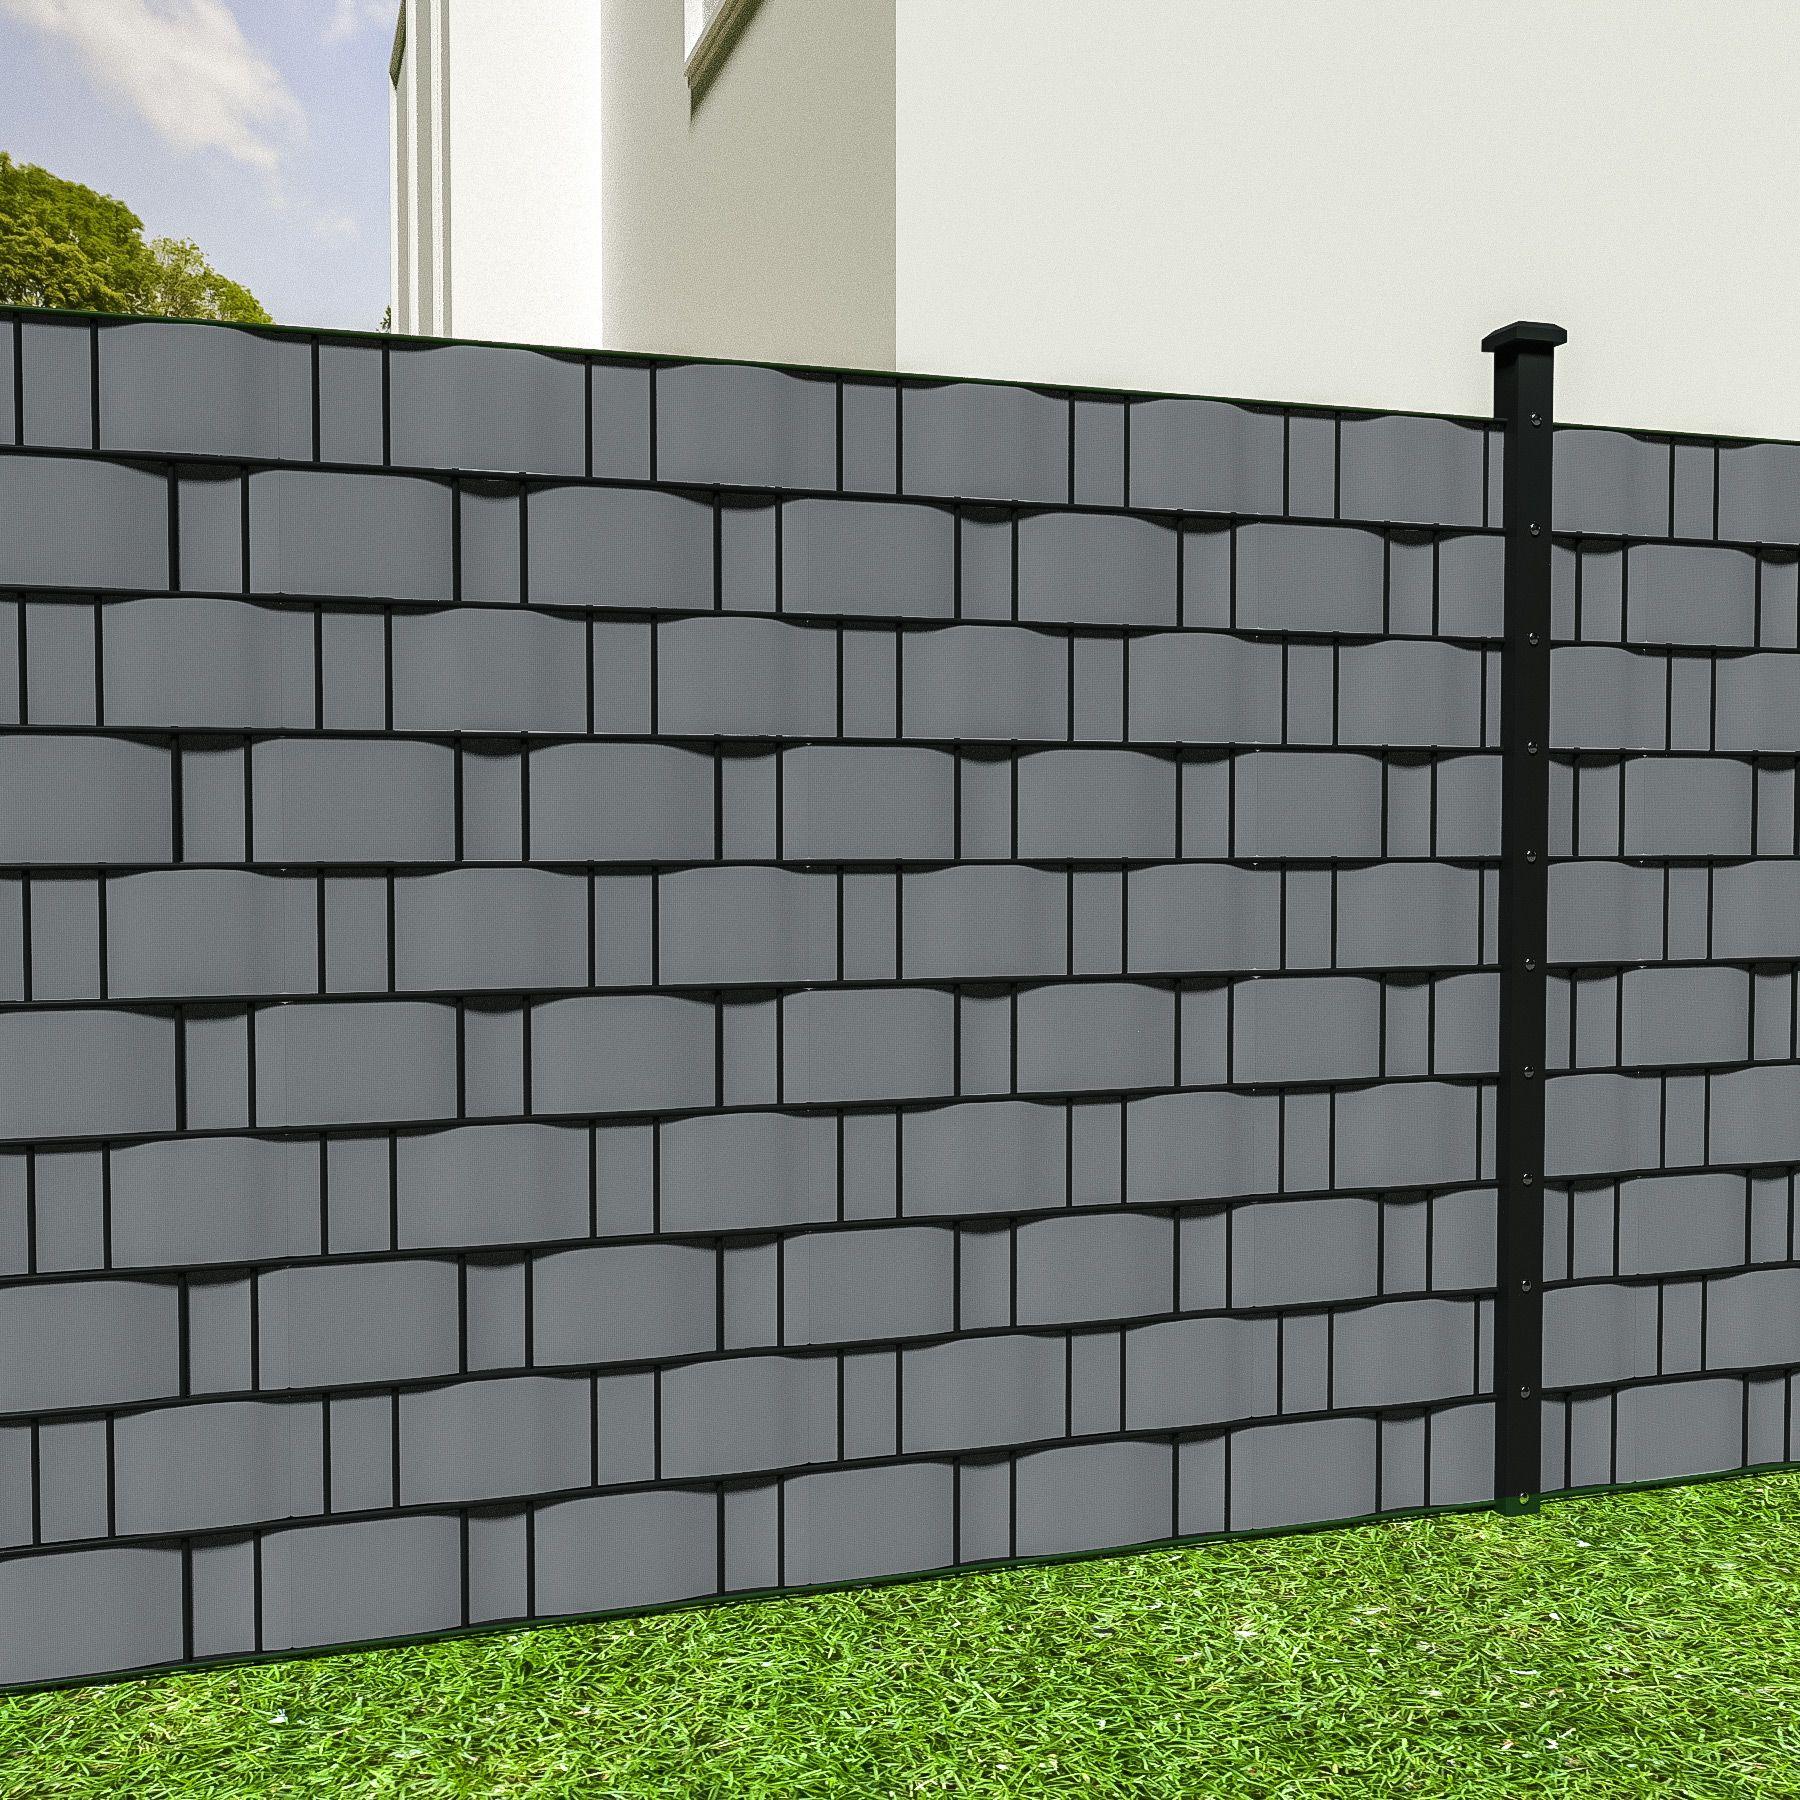 Rotolo recinzione 35m x 19cm pvc pellicola giardino - Recinzioni da giardino in pvc ...